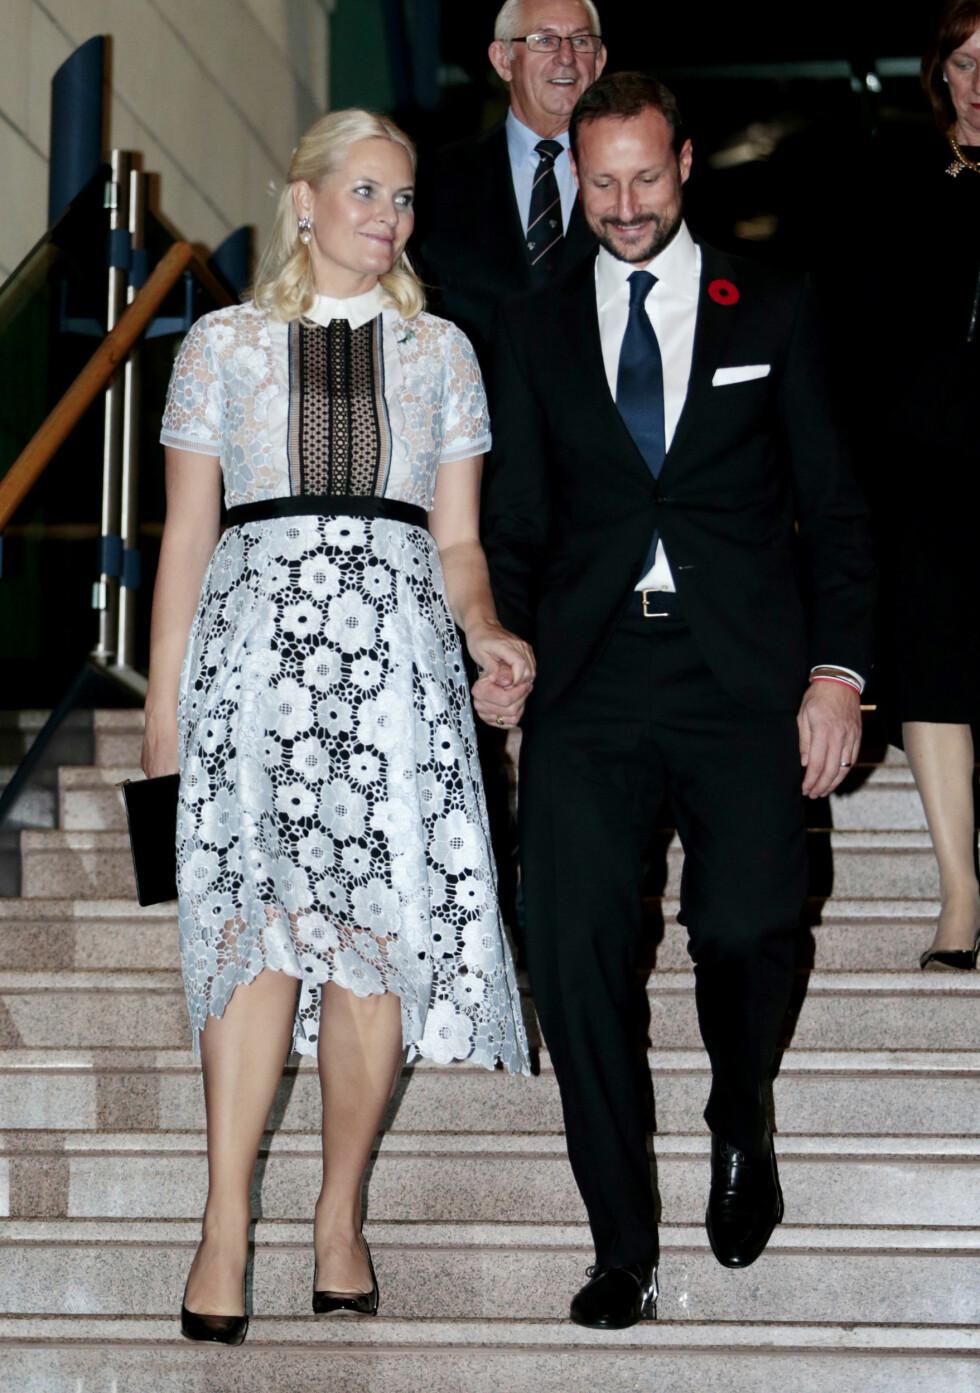 BLONDER: Vi kan konkludere med at Canada-turen har vært kronprinsessens motemessige høydepunkt i 2016. Nok et kledelig antrekk på vår flotte kronprinsesse. Ingen tvil om at kronprins Haakon har grunn til å være stolt av sin flotte kone! Her er de på vei inn til et arrangement i St. Johns.  Foto: NTB Scanpix